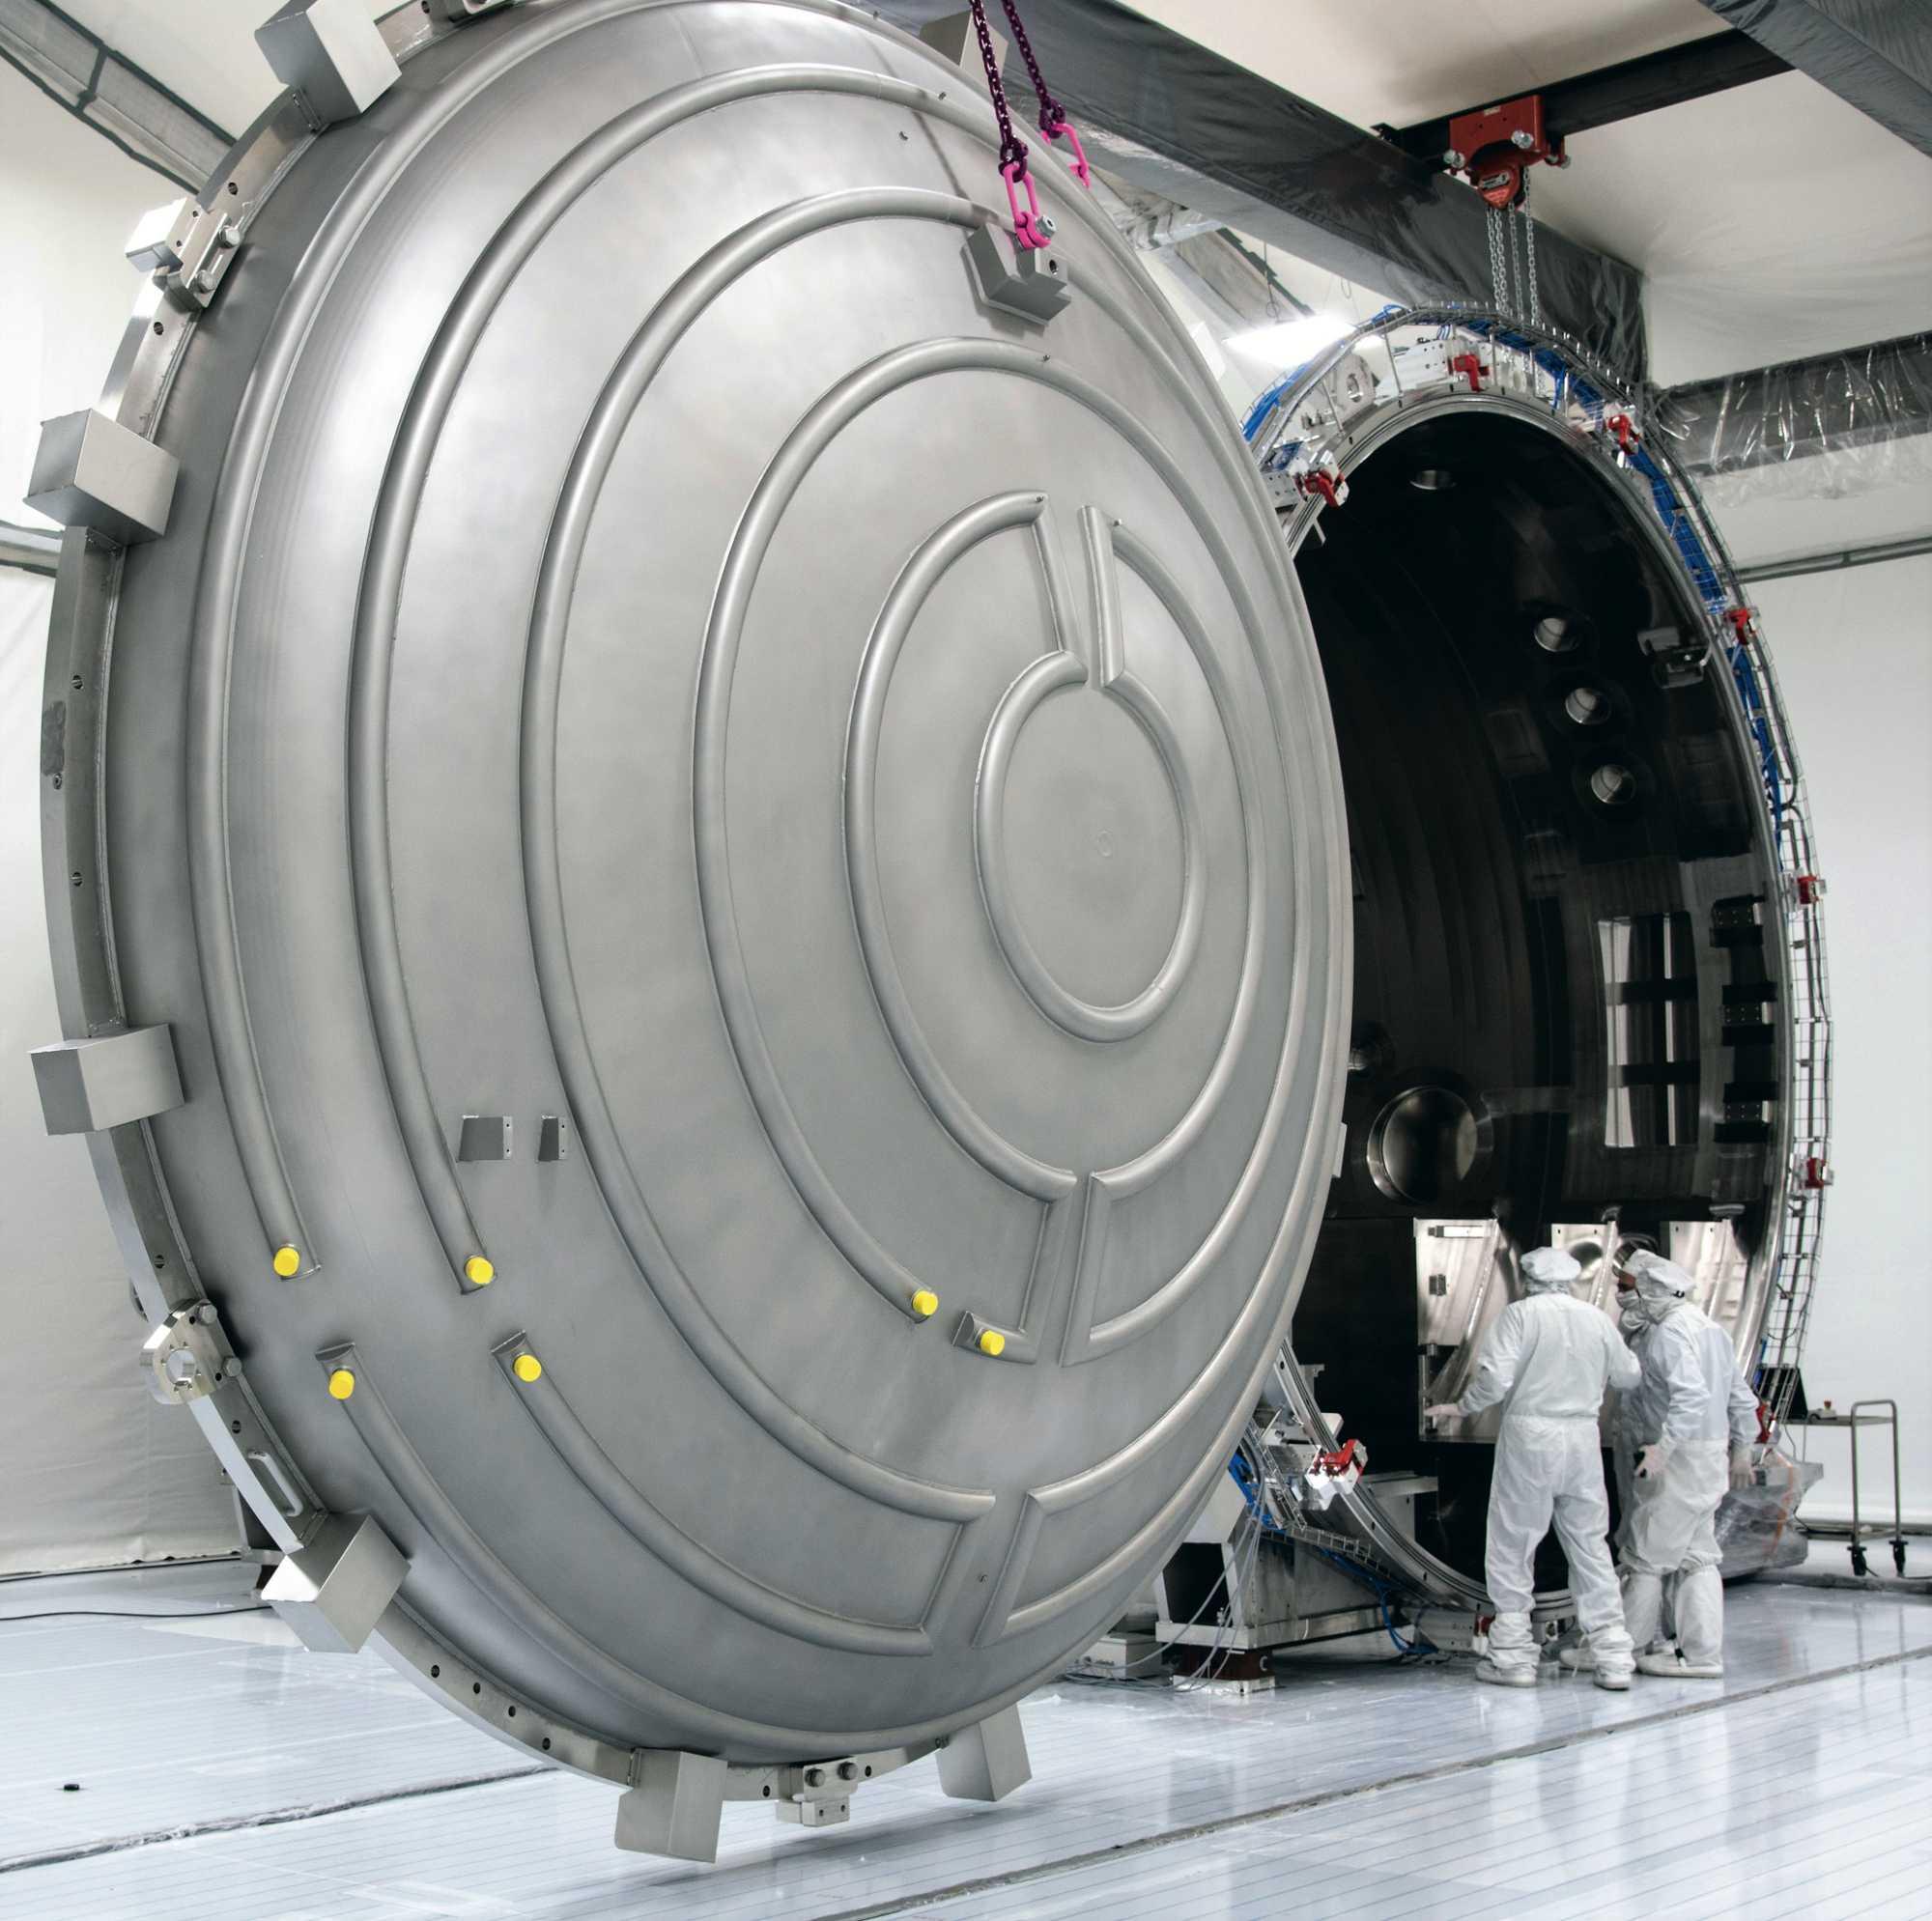 Die Firmen ASML und Zeiss entwickeln EUV-Lithografiesysteme mit hoher numerischer Apertur, die derzeit noch riesige Vakuumkammern benötigen.